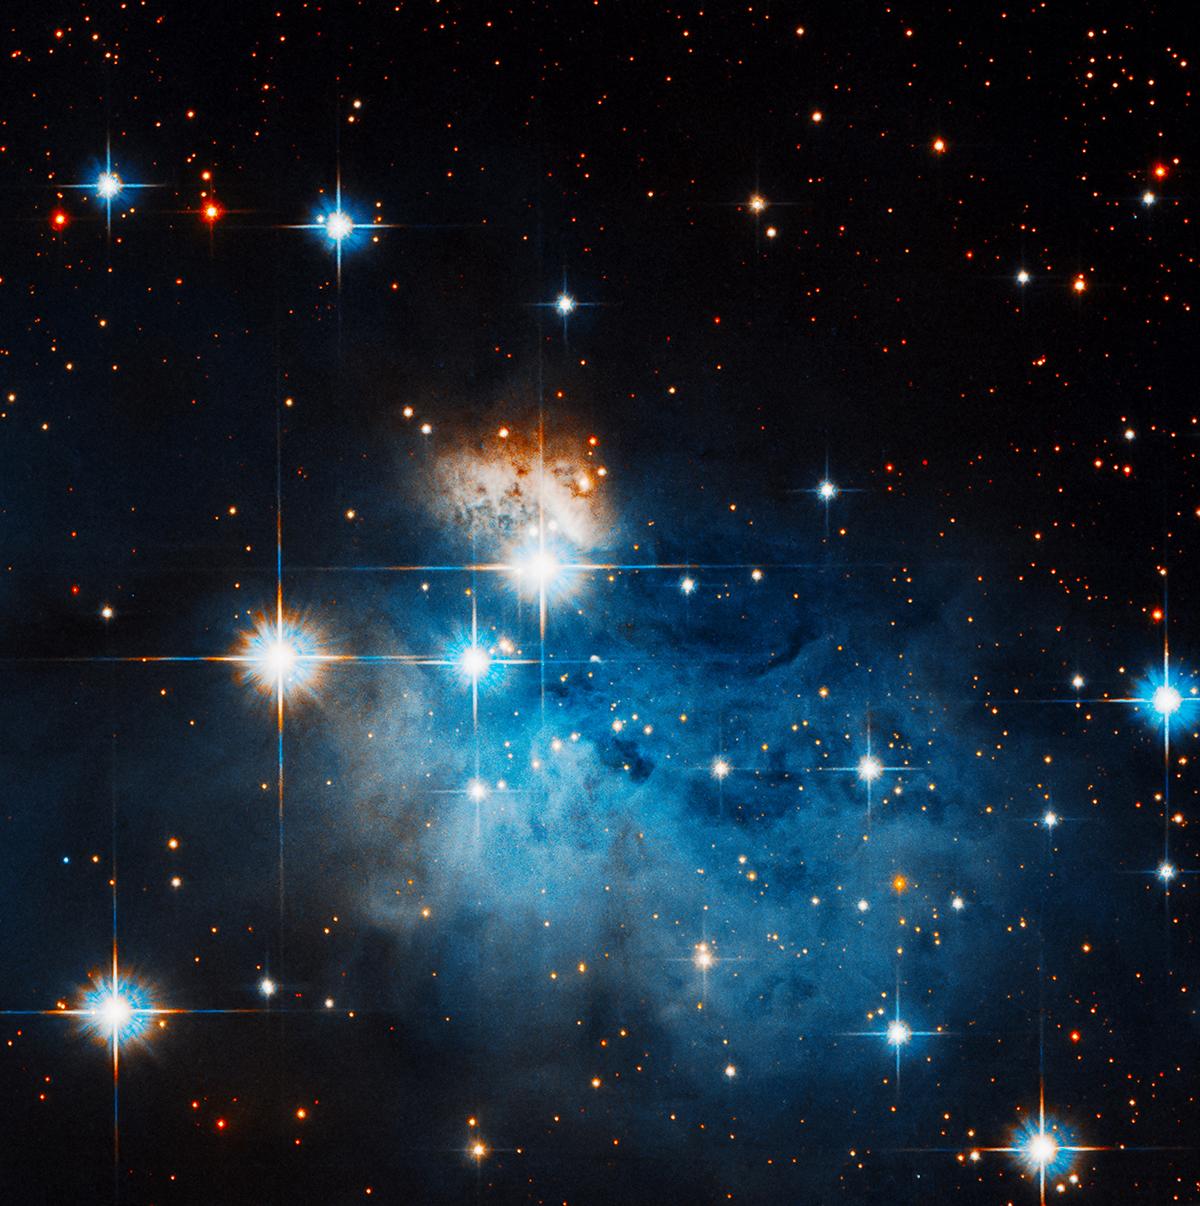 Protoplanetary Nebula Caldwell 99